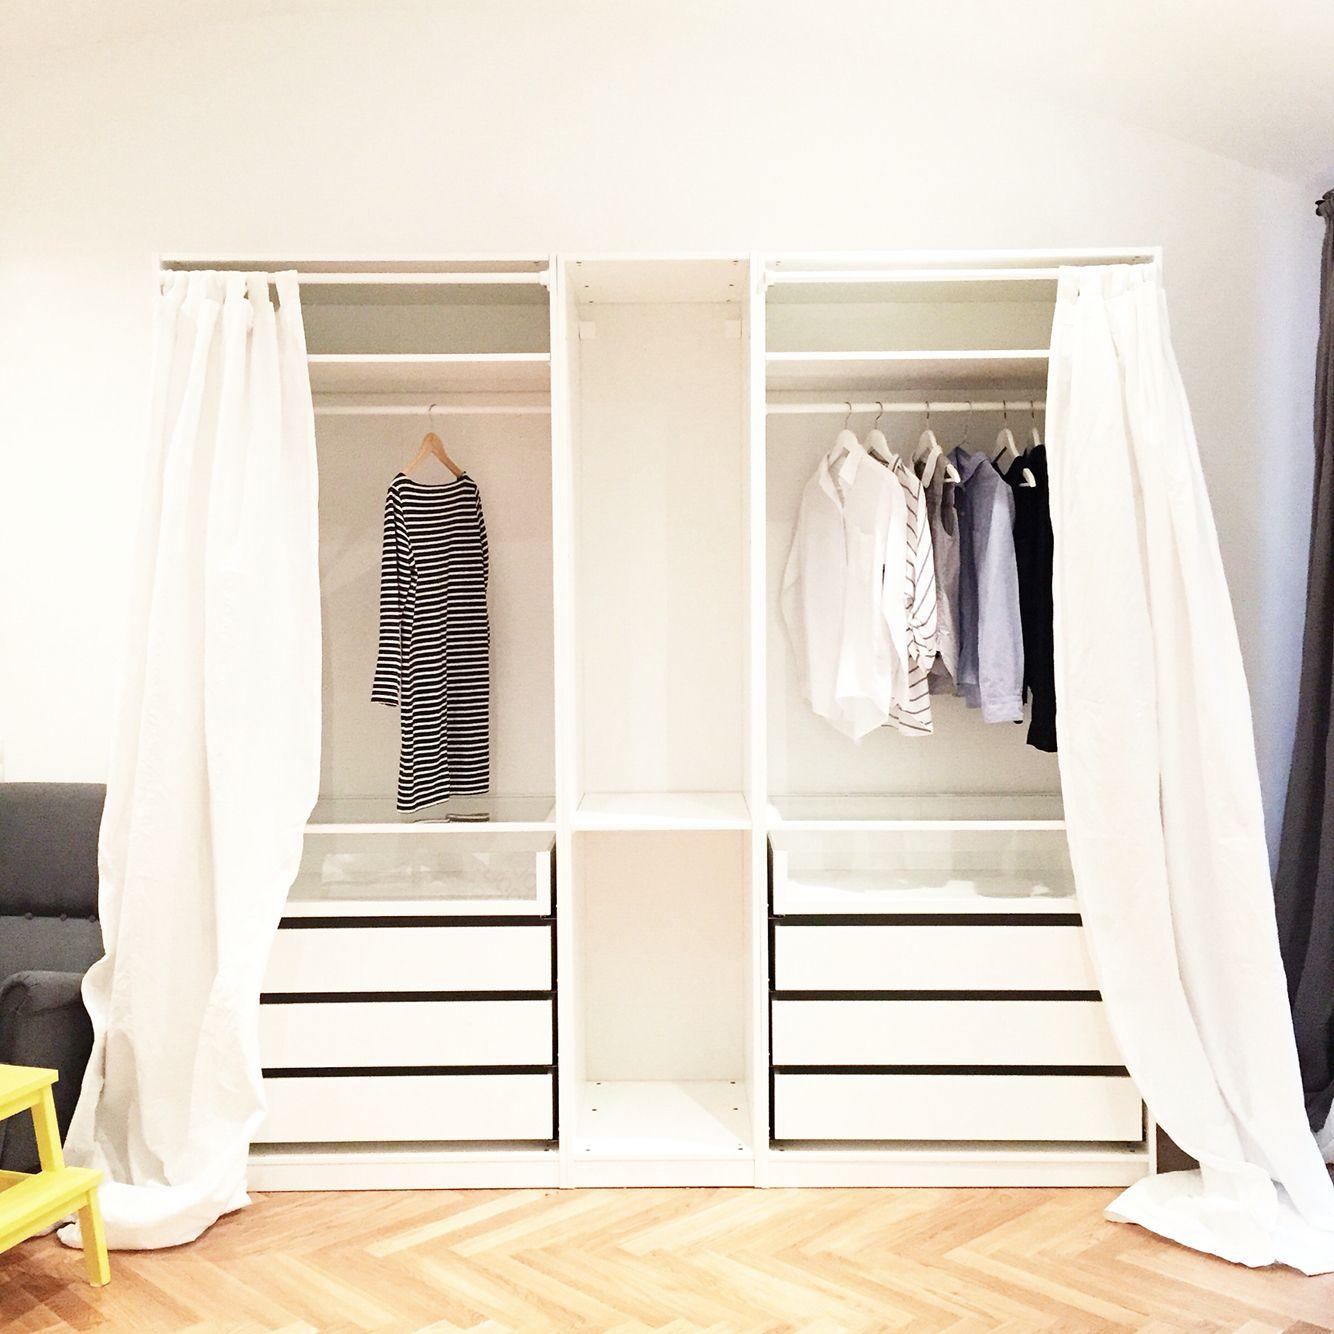 Empty Ikea Pax Closet Www Annalaurakummer Com Ikea Pax Schrank